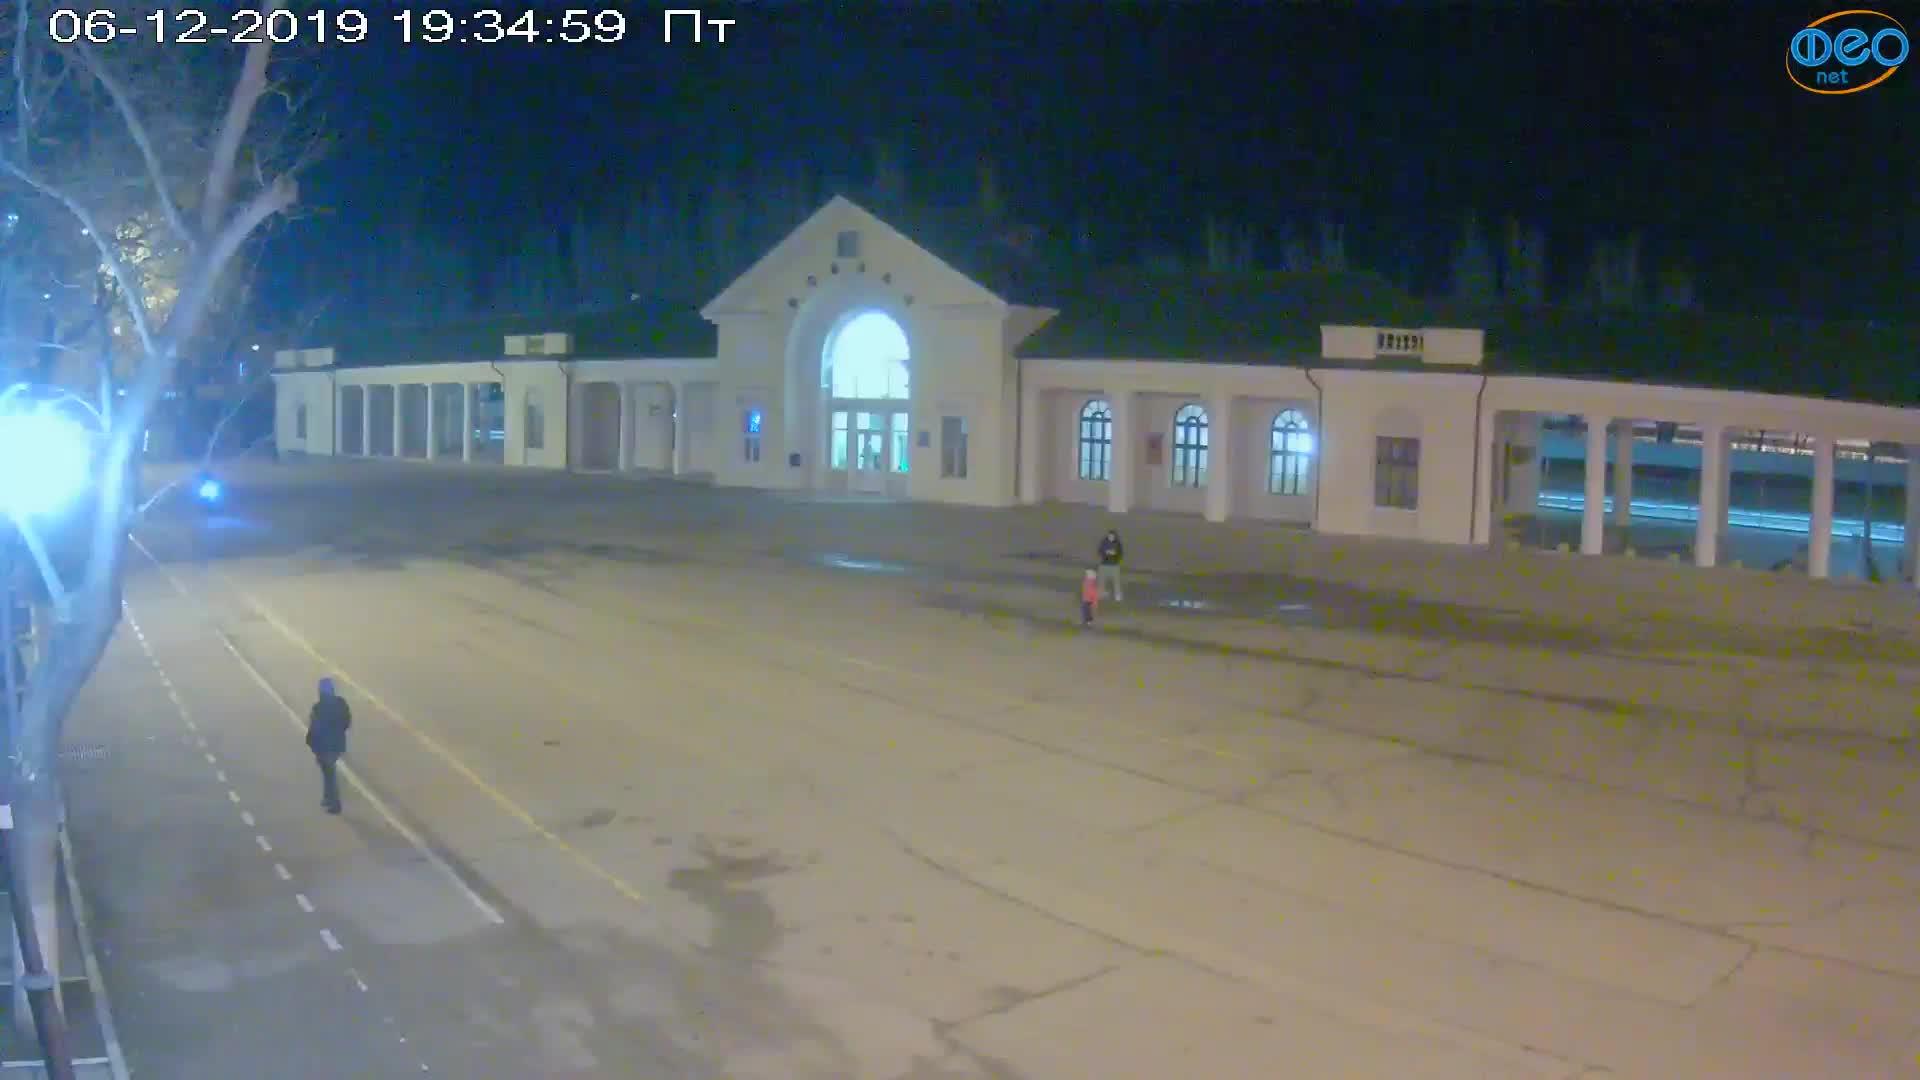 Веб-камеры Феодосии, Привокзальная площадь, 2019-12-06 19:35:19